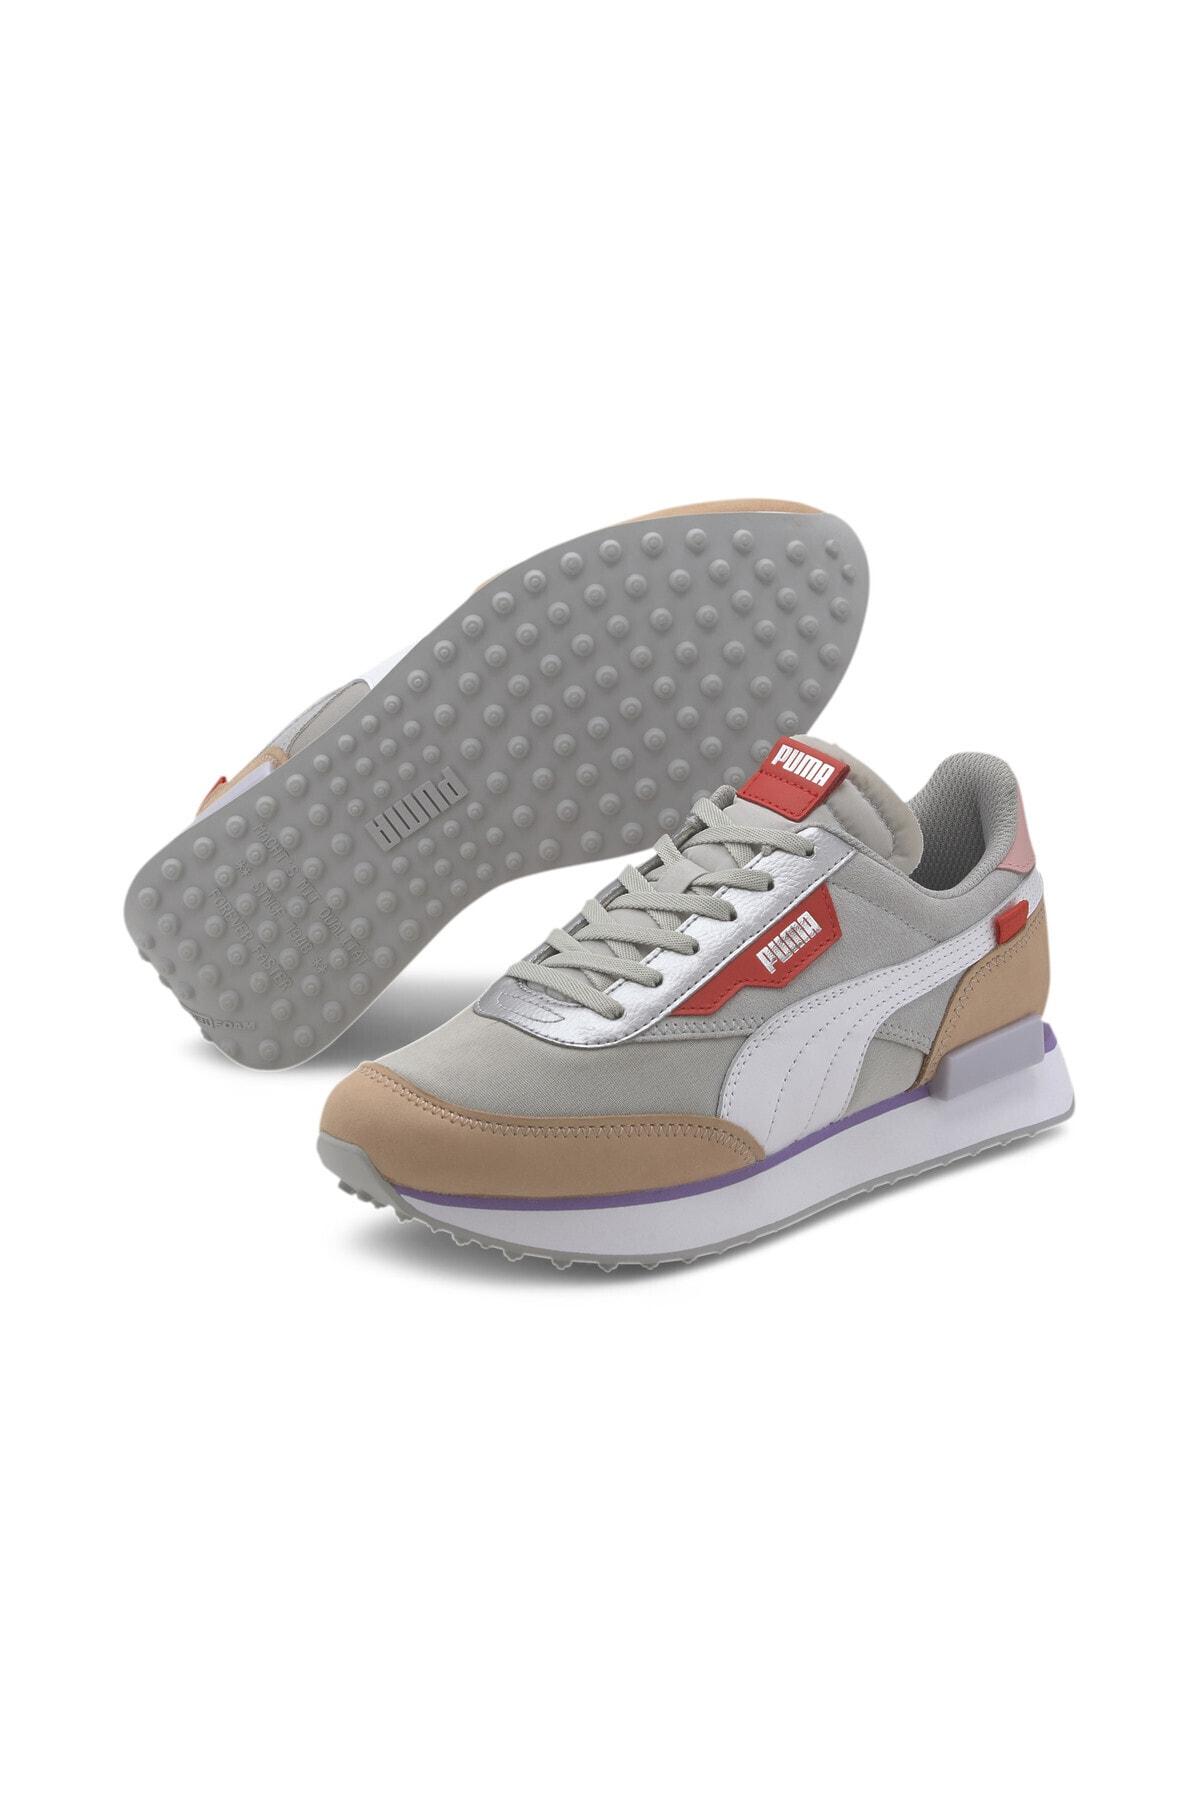 Puma FUTURE RIDER Royale Kadın Ayakkabı